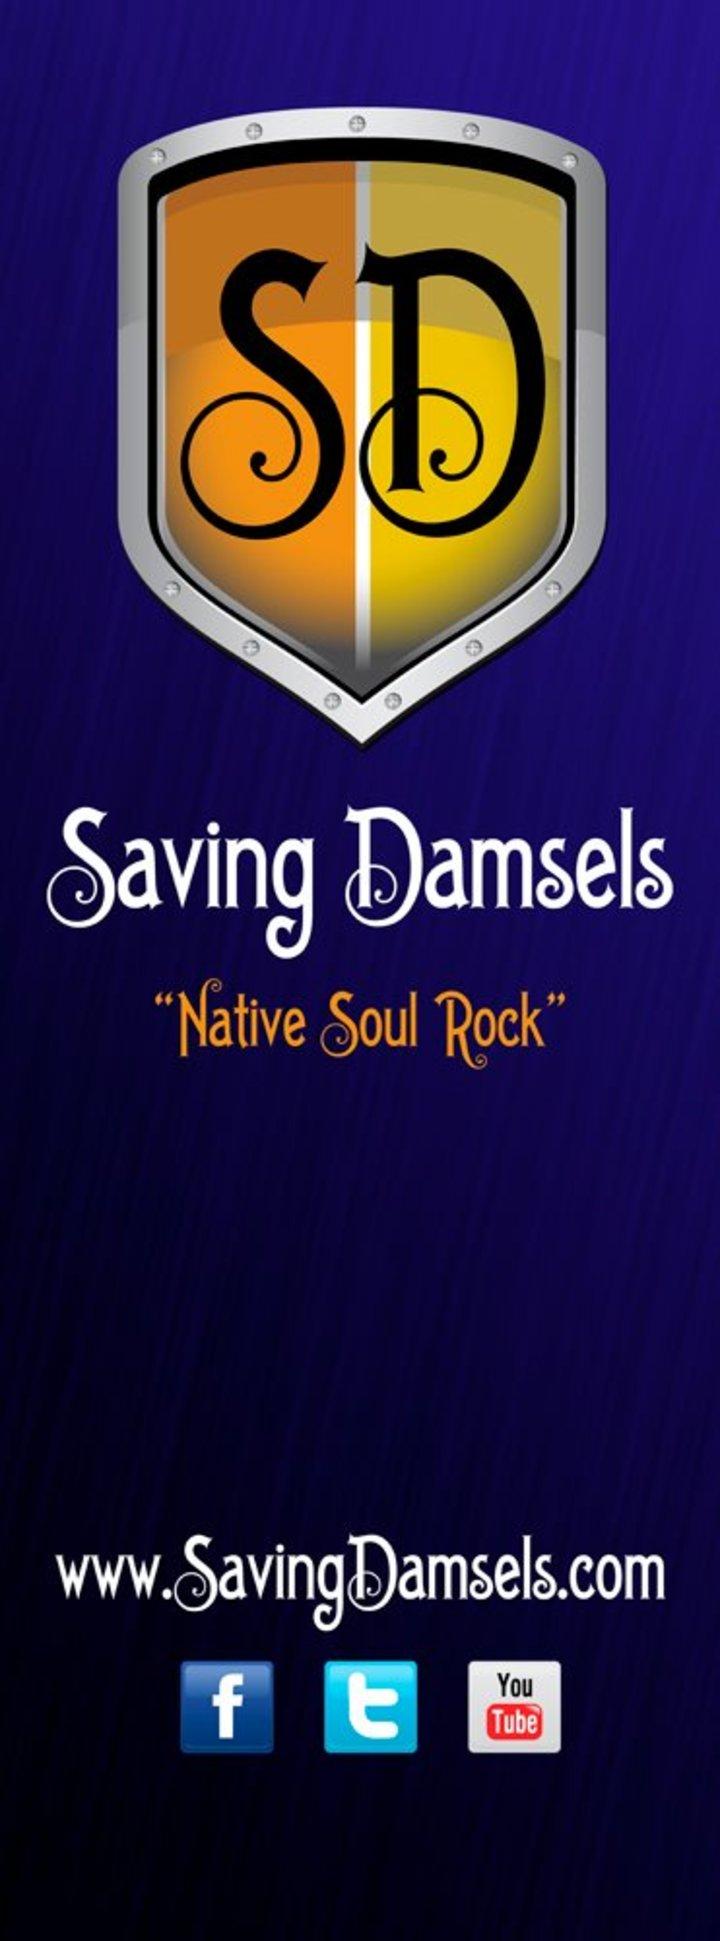 Saving Damsels Tour Dates